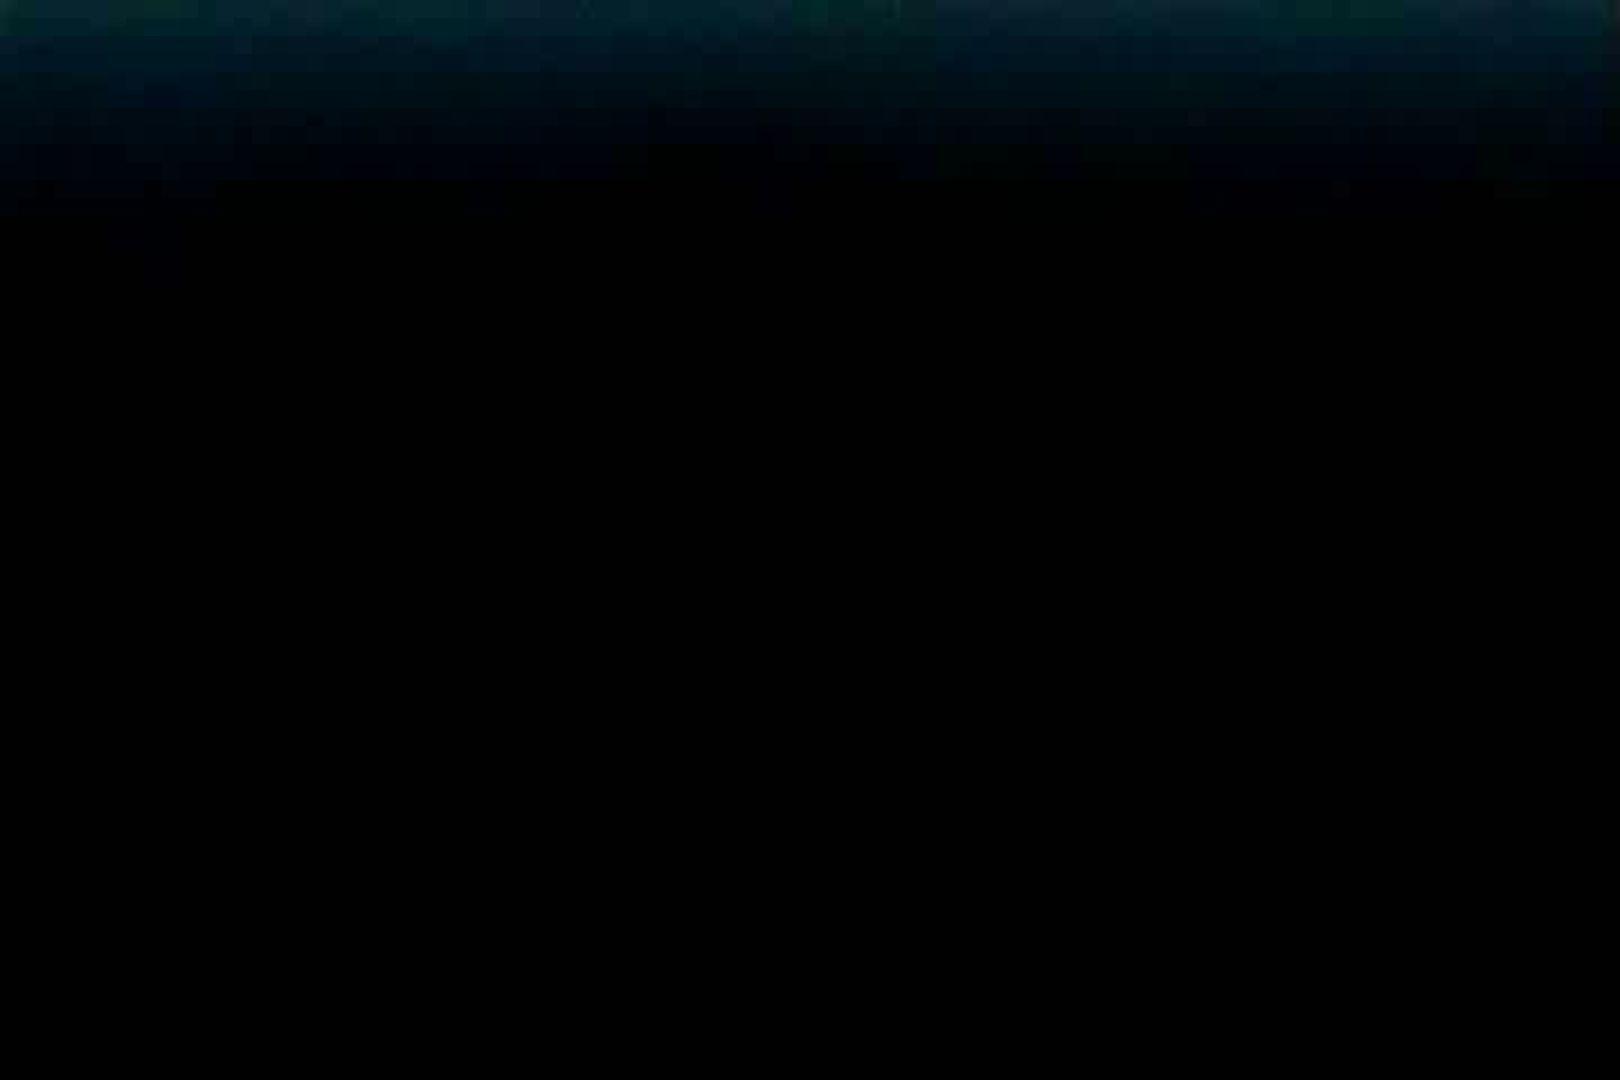 充血監督の深夜の運動会Vol.135 パイパン ぱこり動画紹介 73pic 58